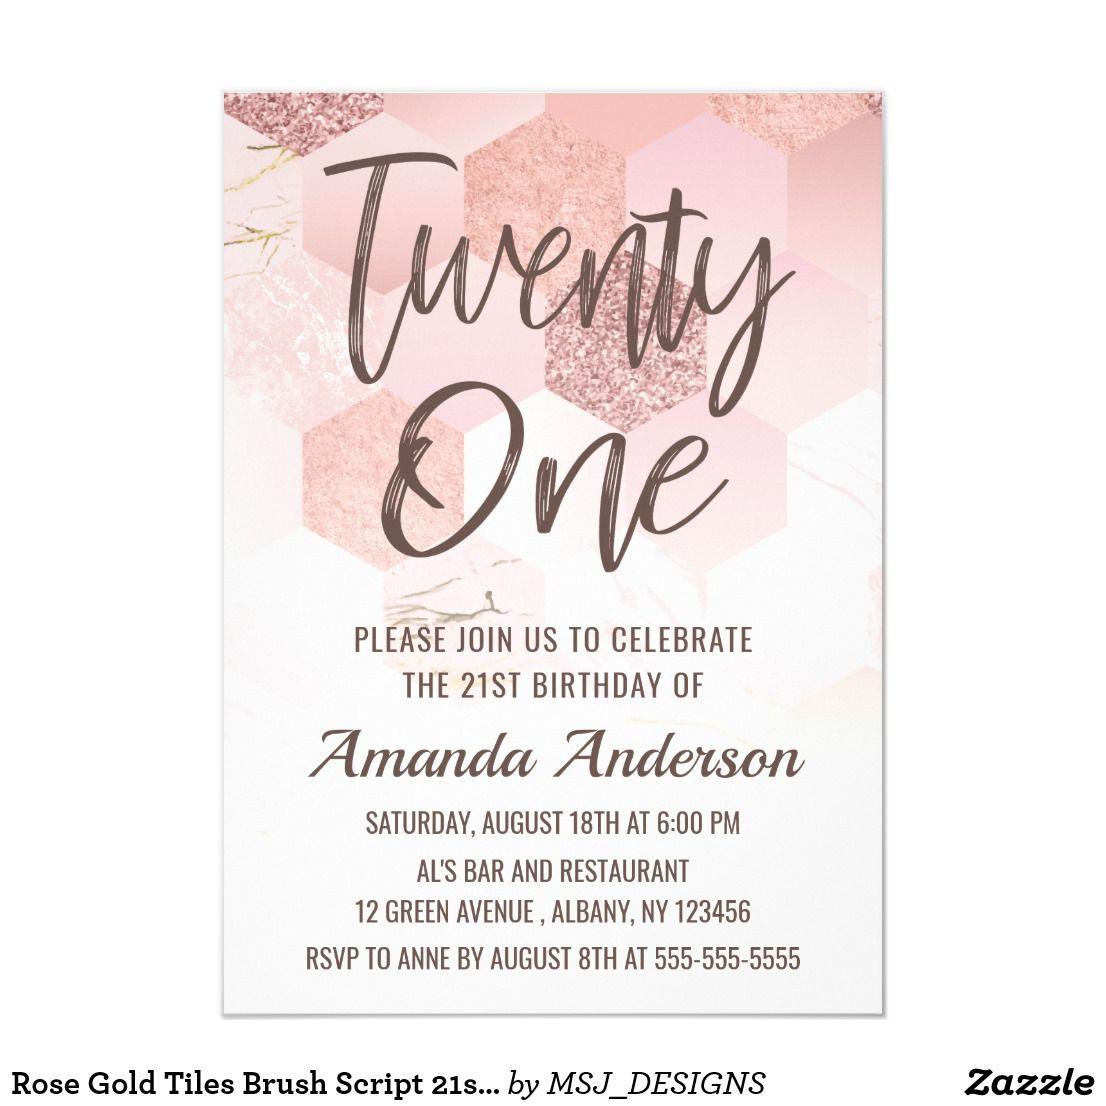 Rose Gold Tiles Brush Script 21st Birthday Invitation Zazzle Co Uk 21st Birthday Invitations 40th Birthday Invitations Birthday Invitations